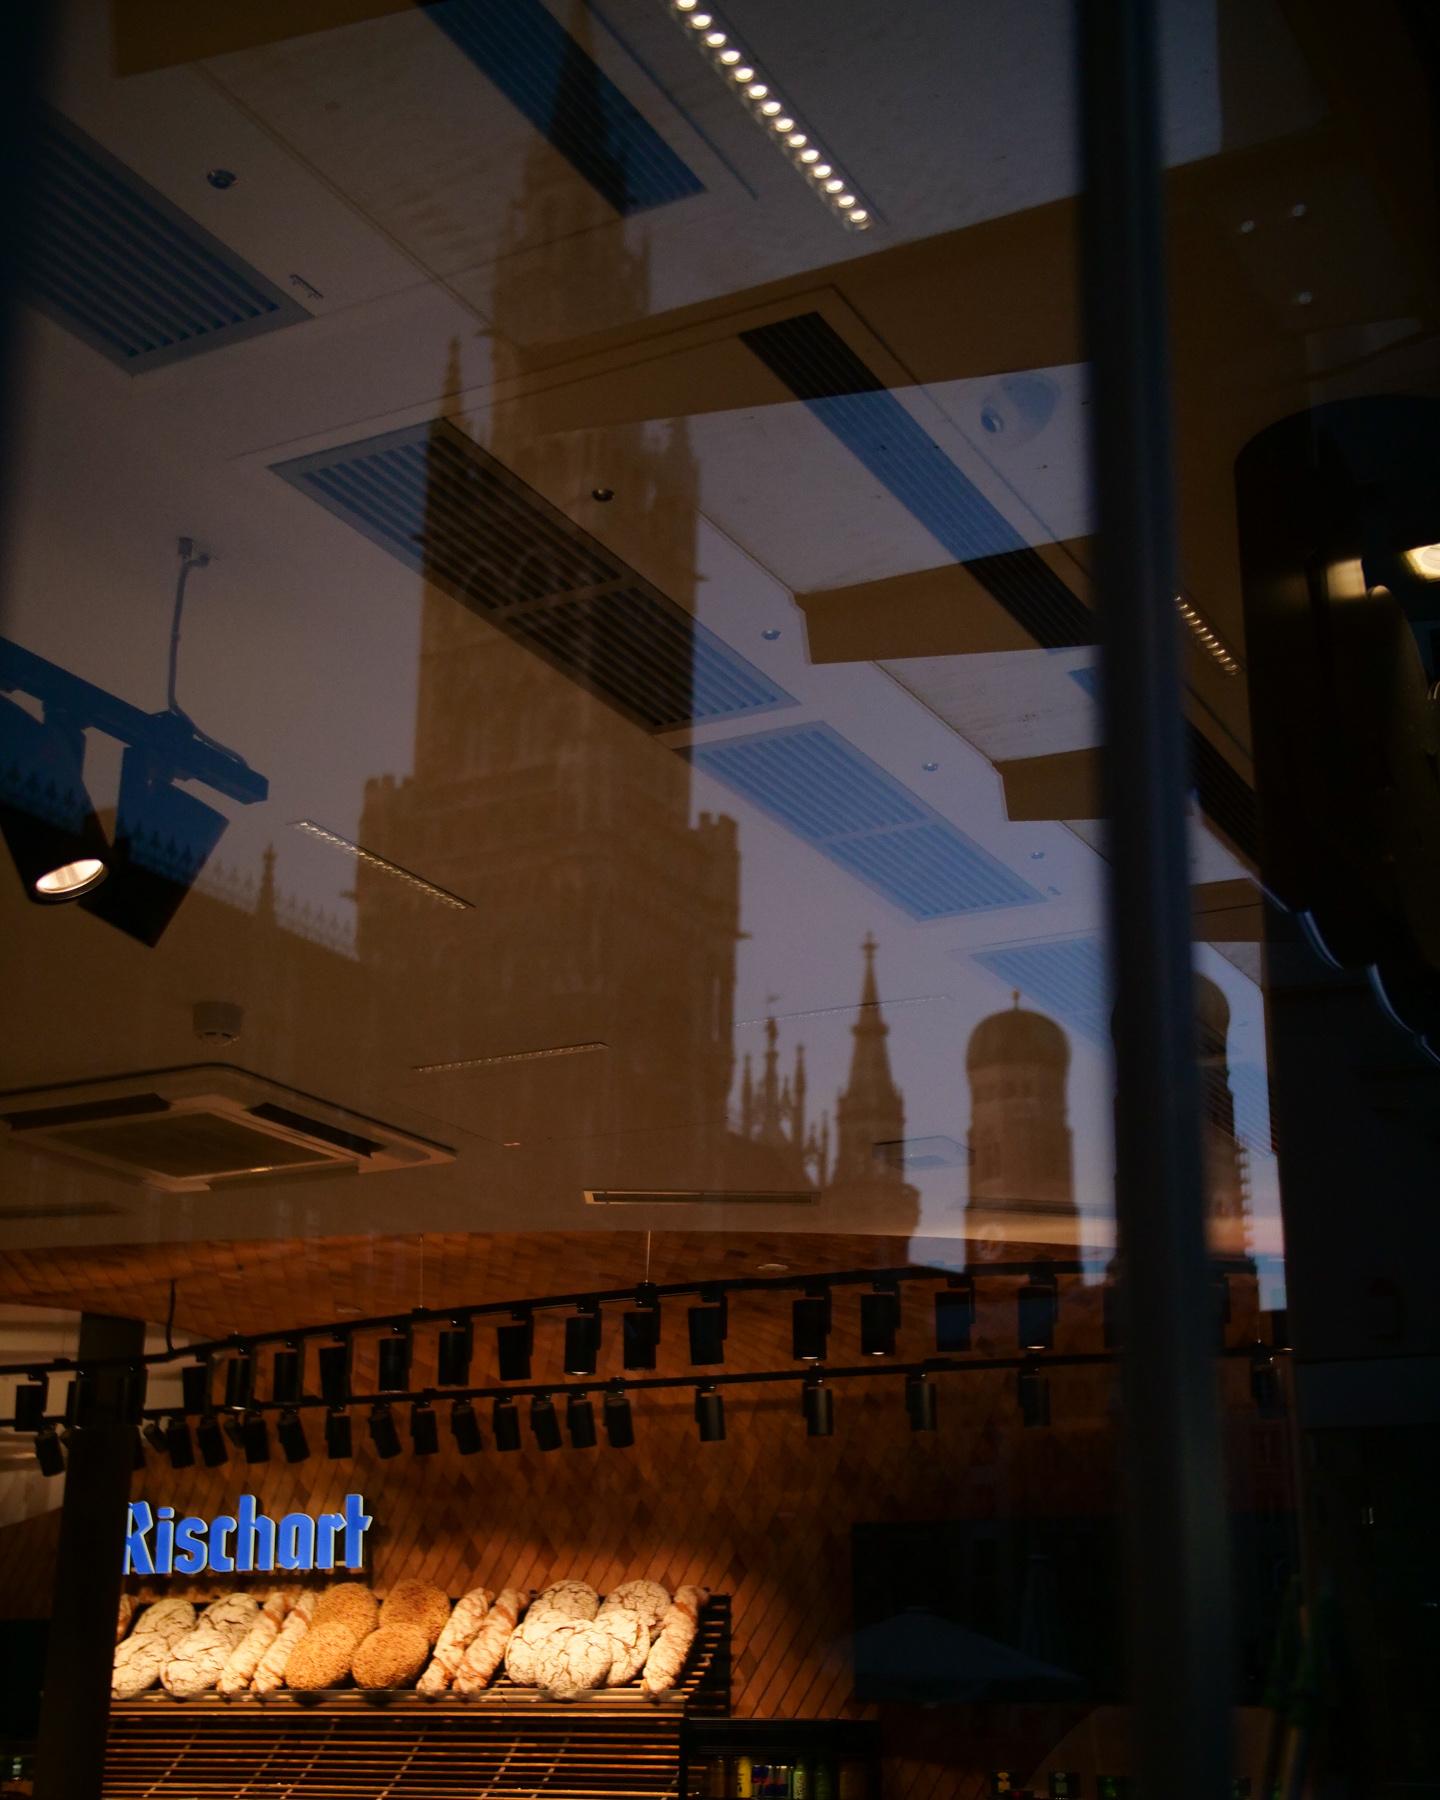 Glasfassade Cafe Rischart am Marienplatz in München